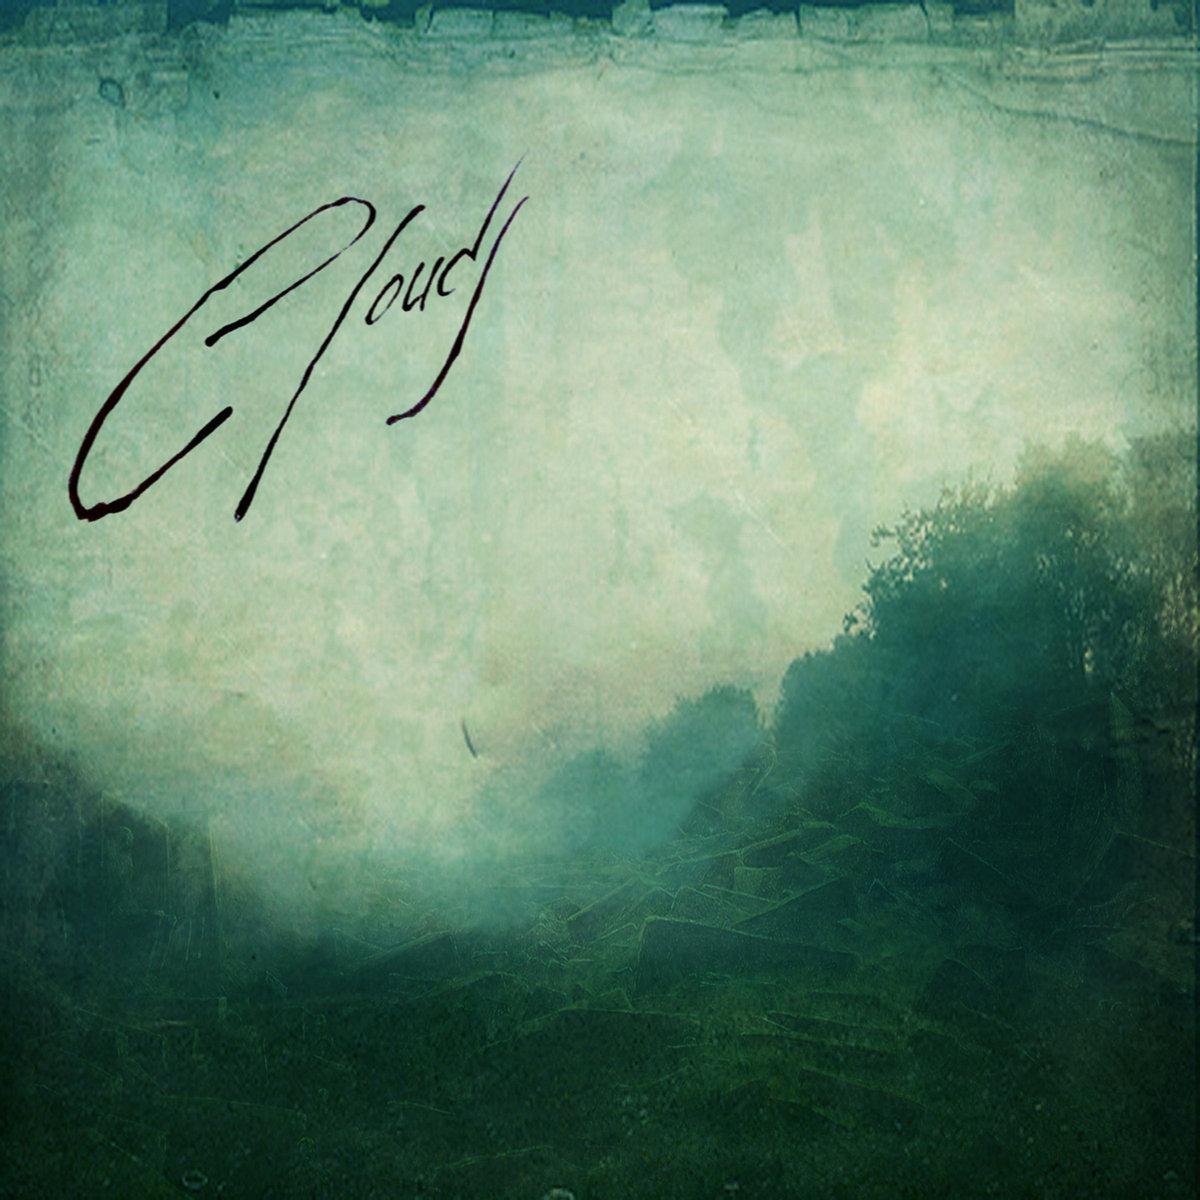 Clouds - Doliu